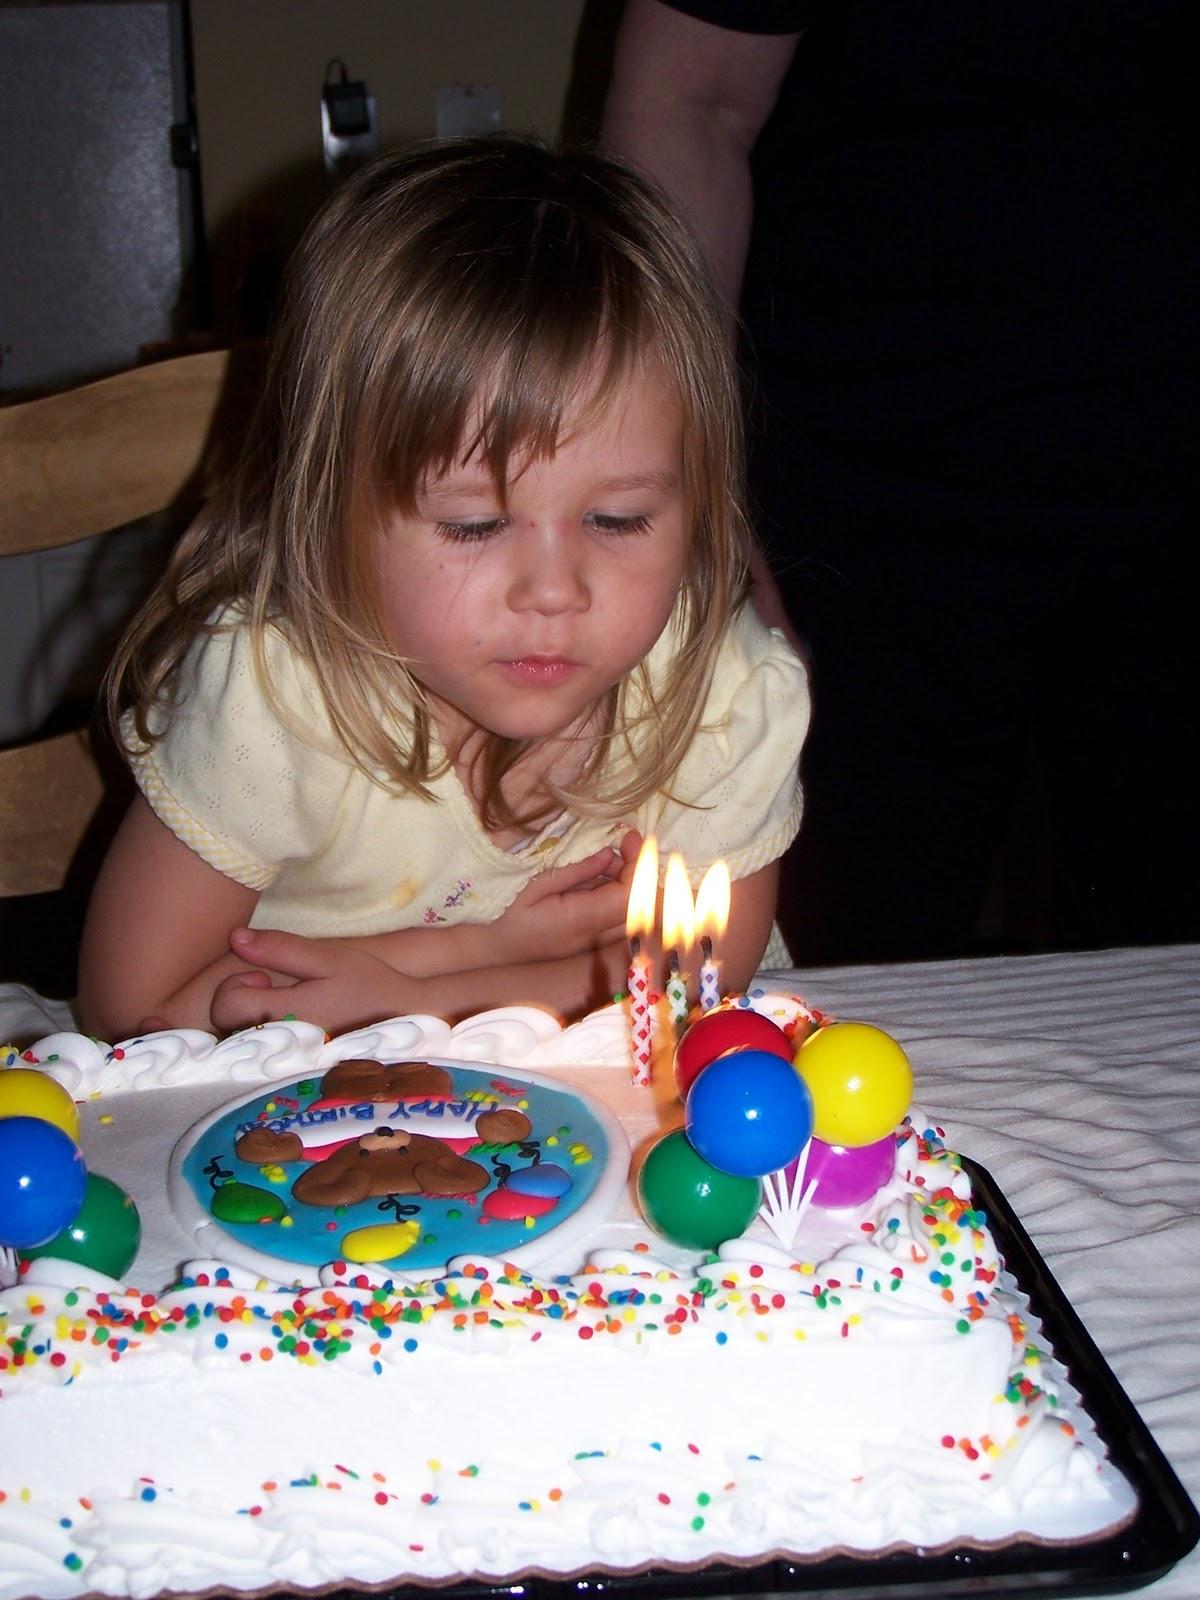 Corinas Birthday Party 2007 - 100_1898.JPG